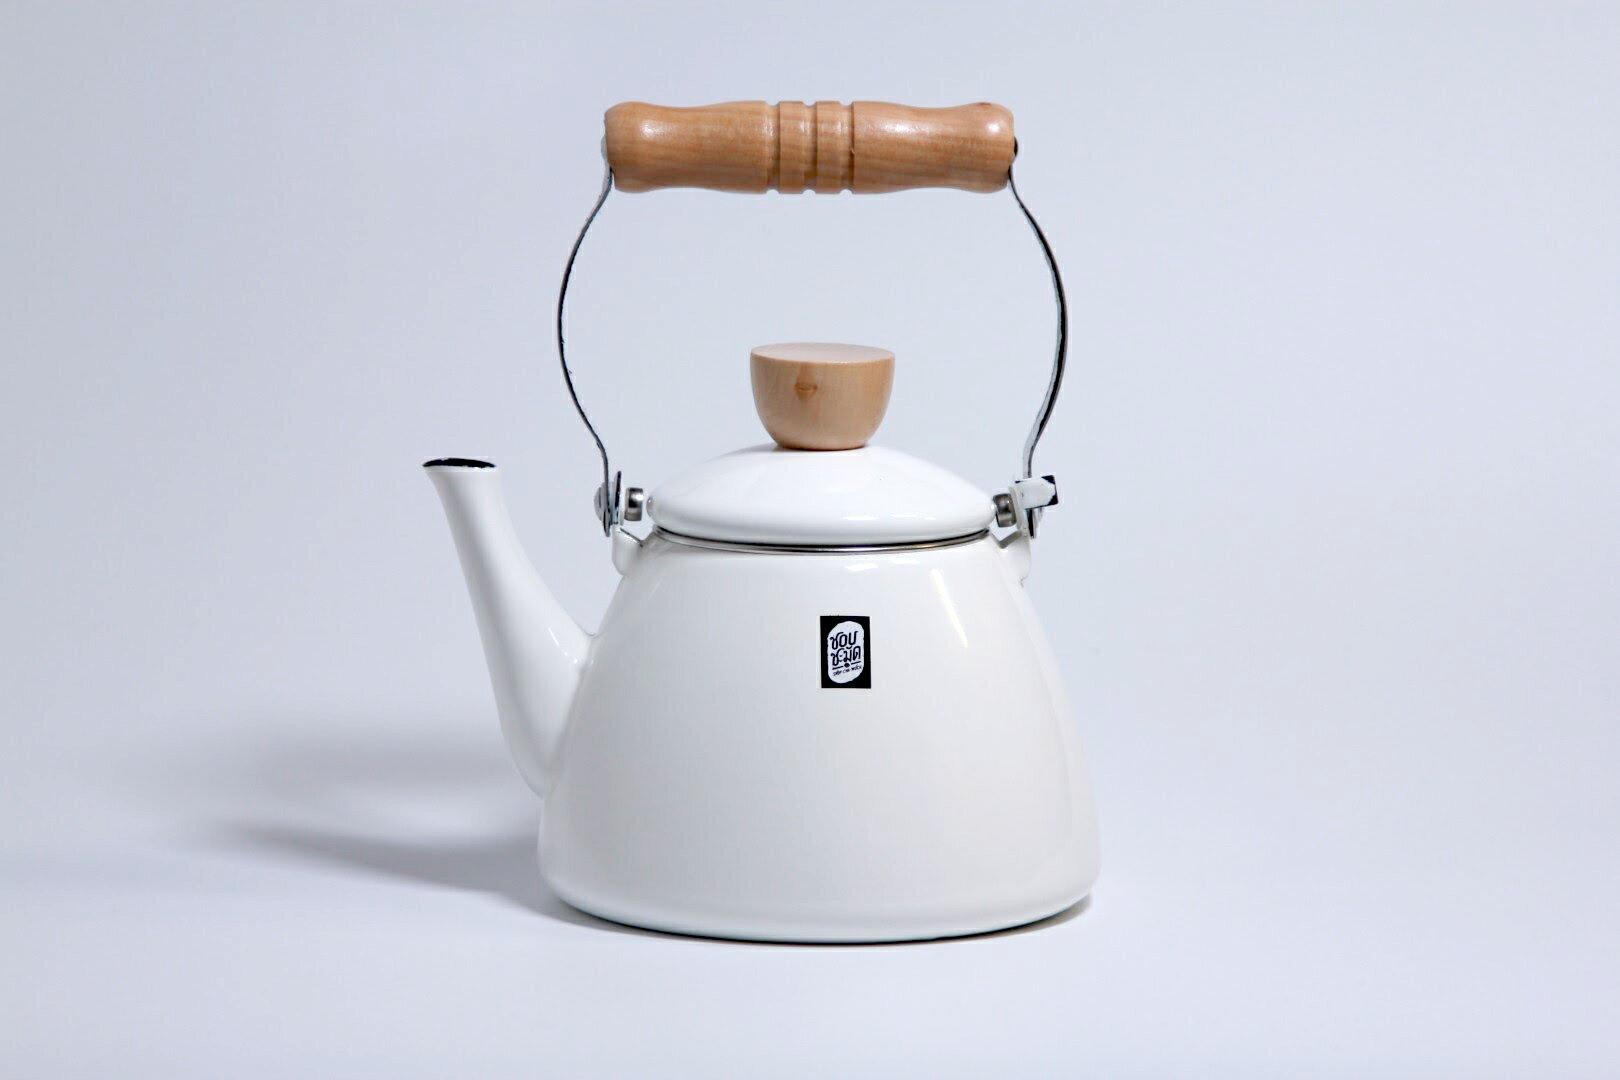 【泰國 SCM】木把琺瑯茶壺 1.5L 炊煙白